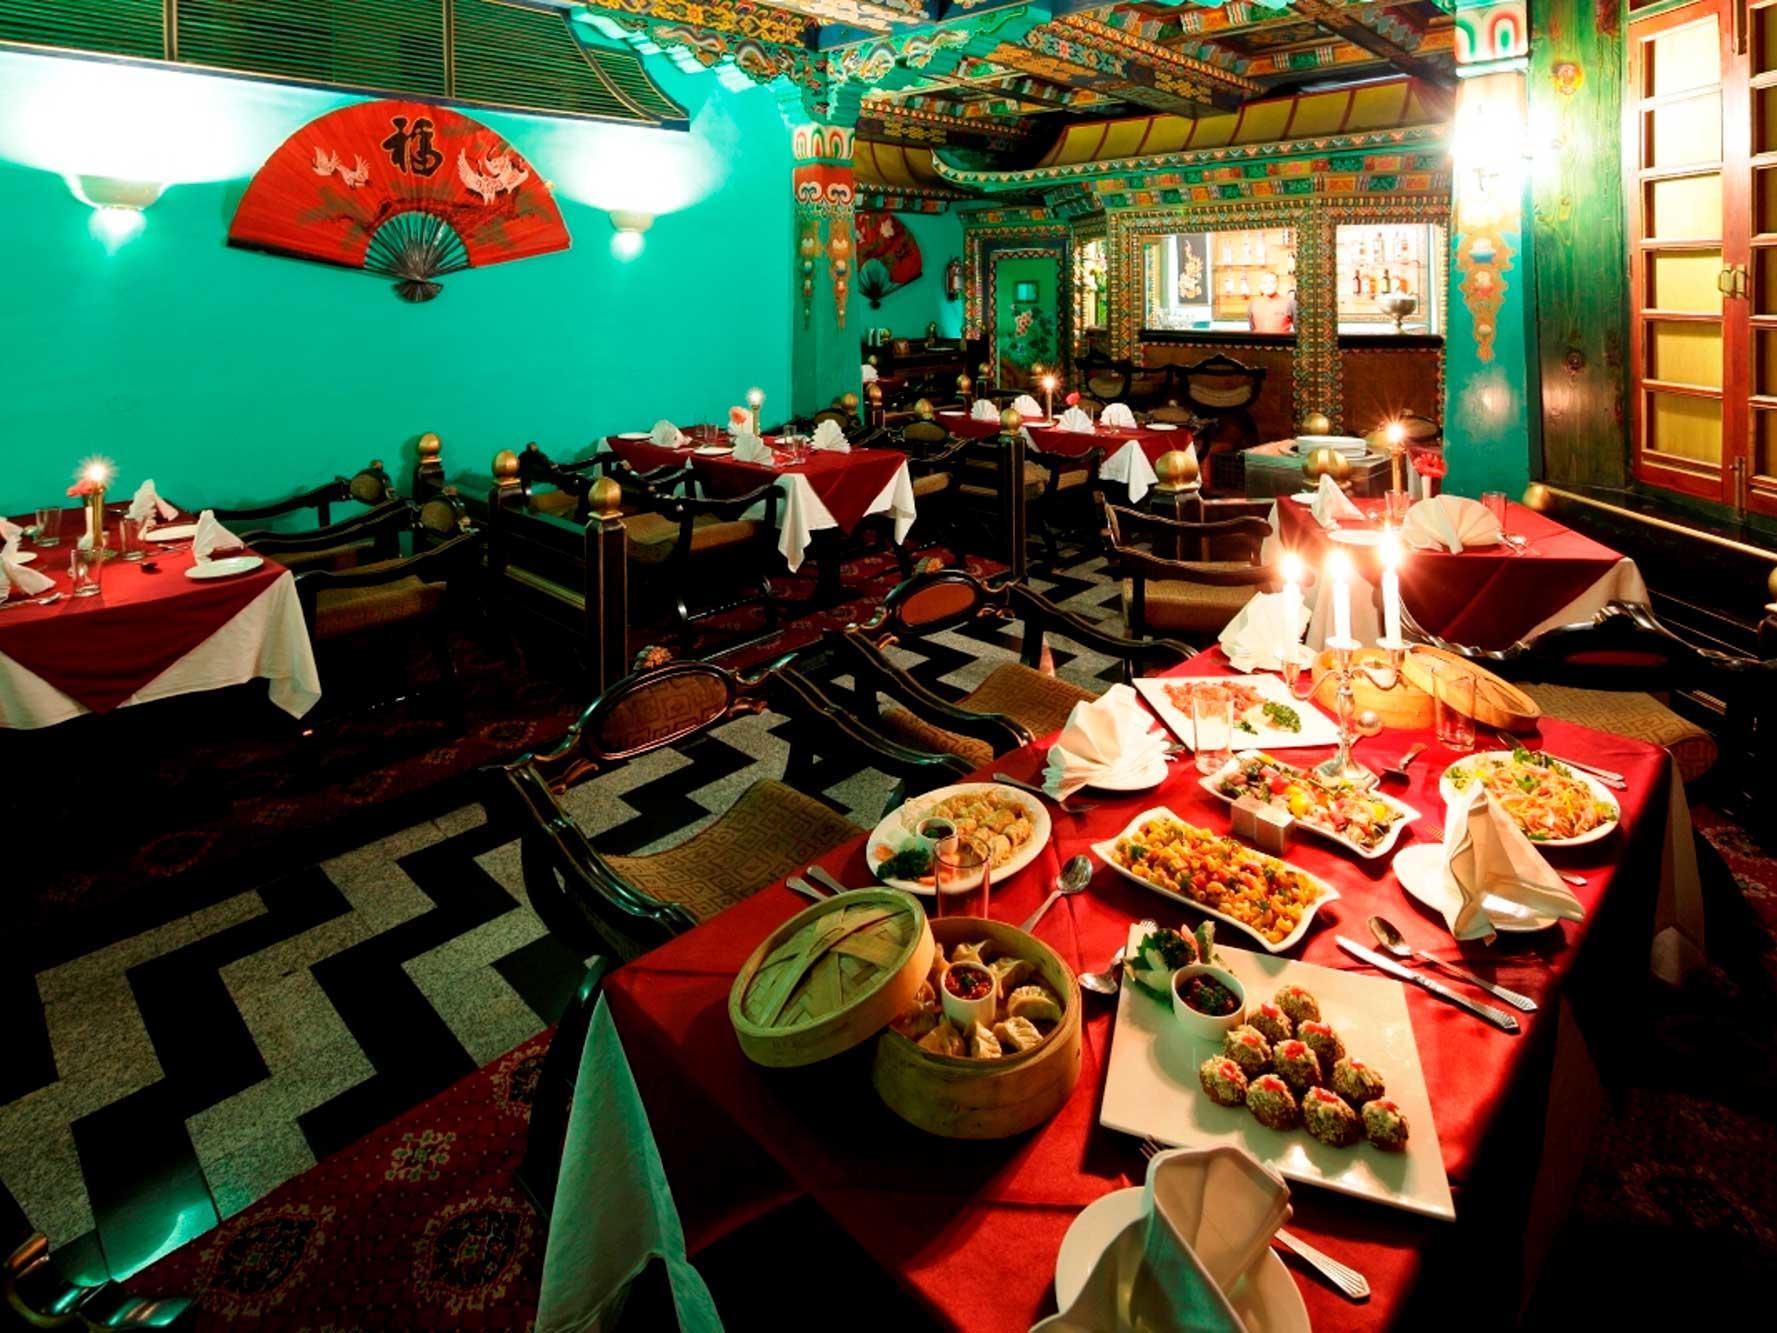 D'Jong at ManuAllaya Resort Spa Manali in Himachal Pradesh, India